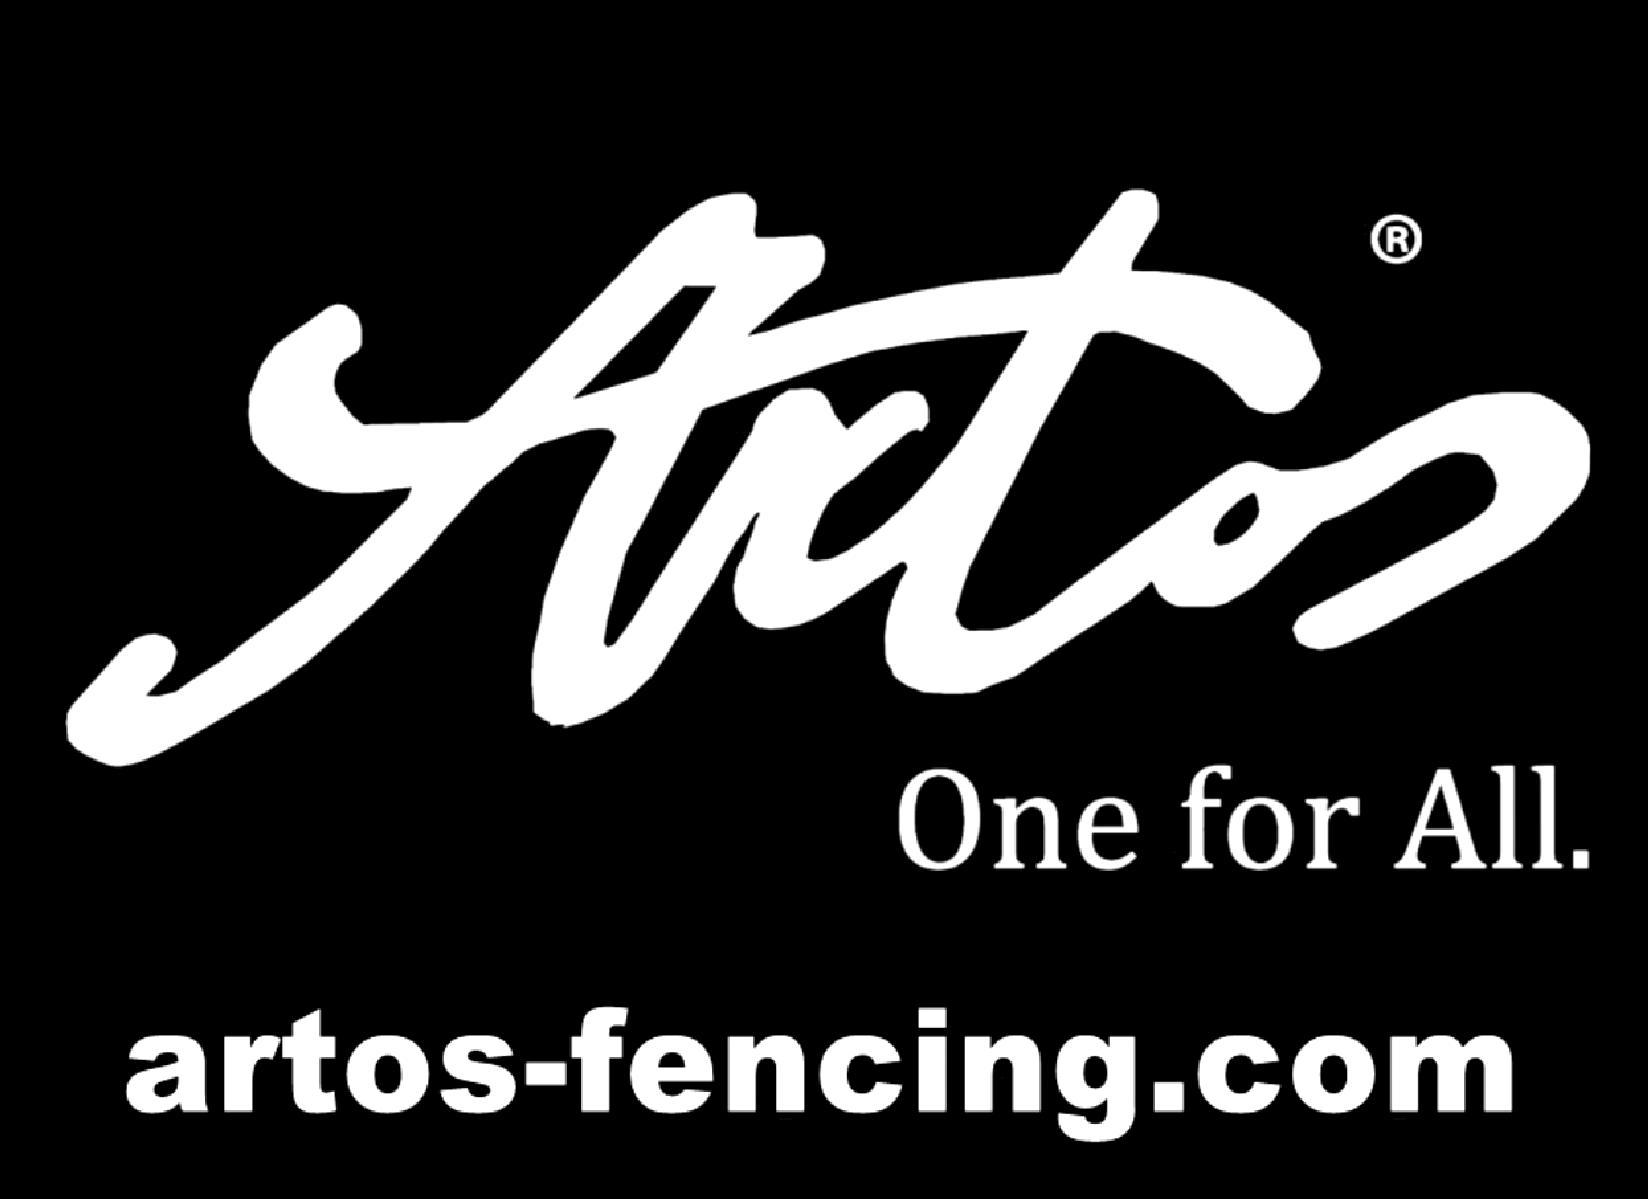 ARTOS 1991 - ARTOS WIRD GEGRÜNDET